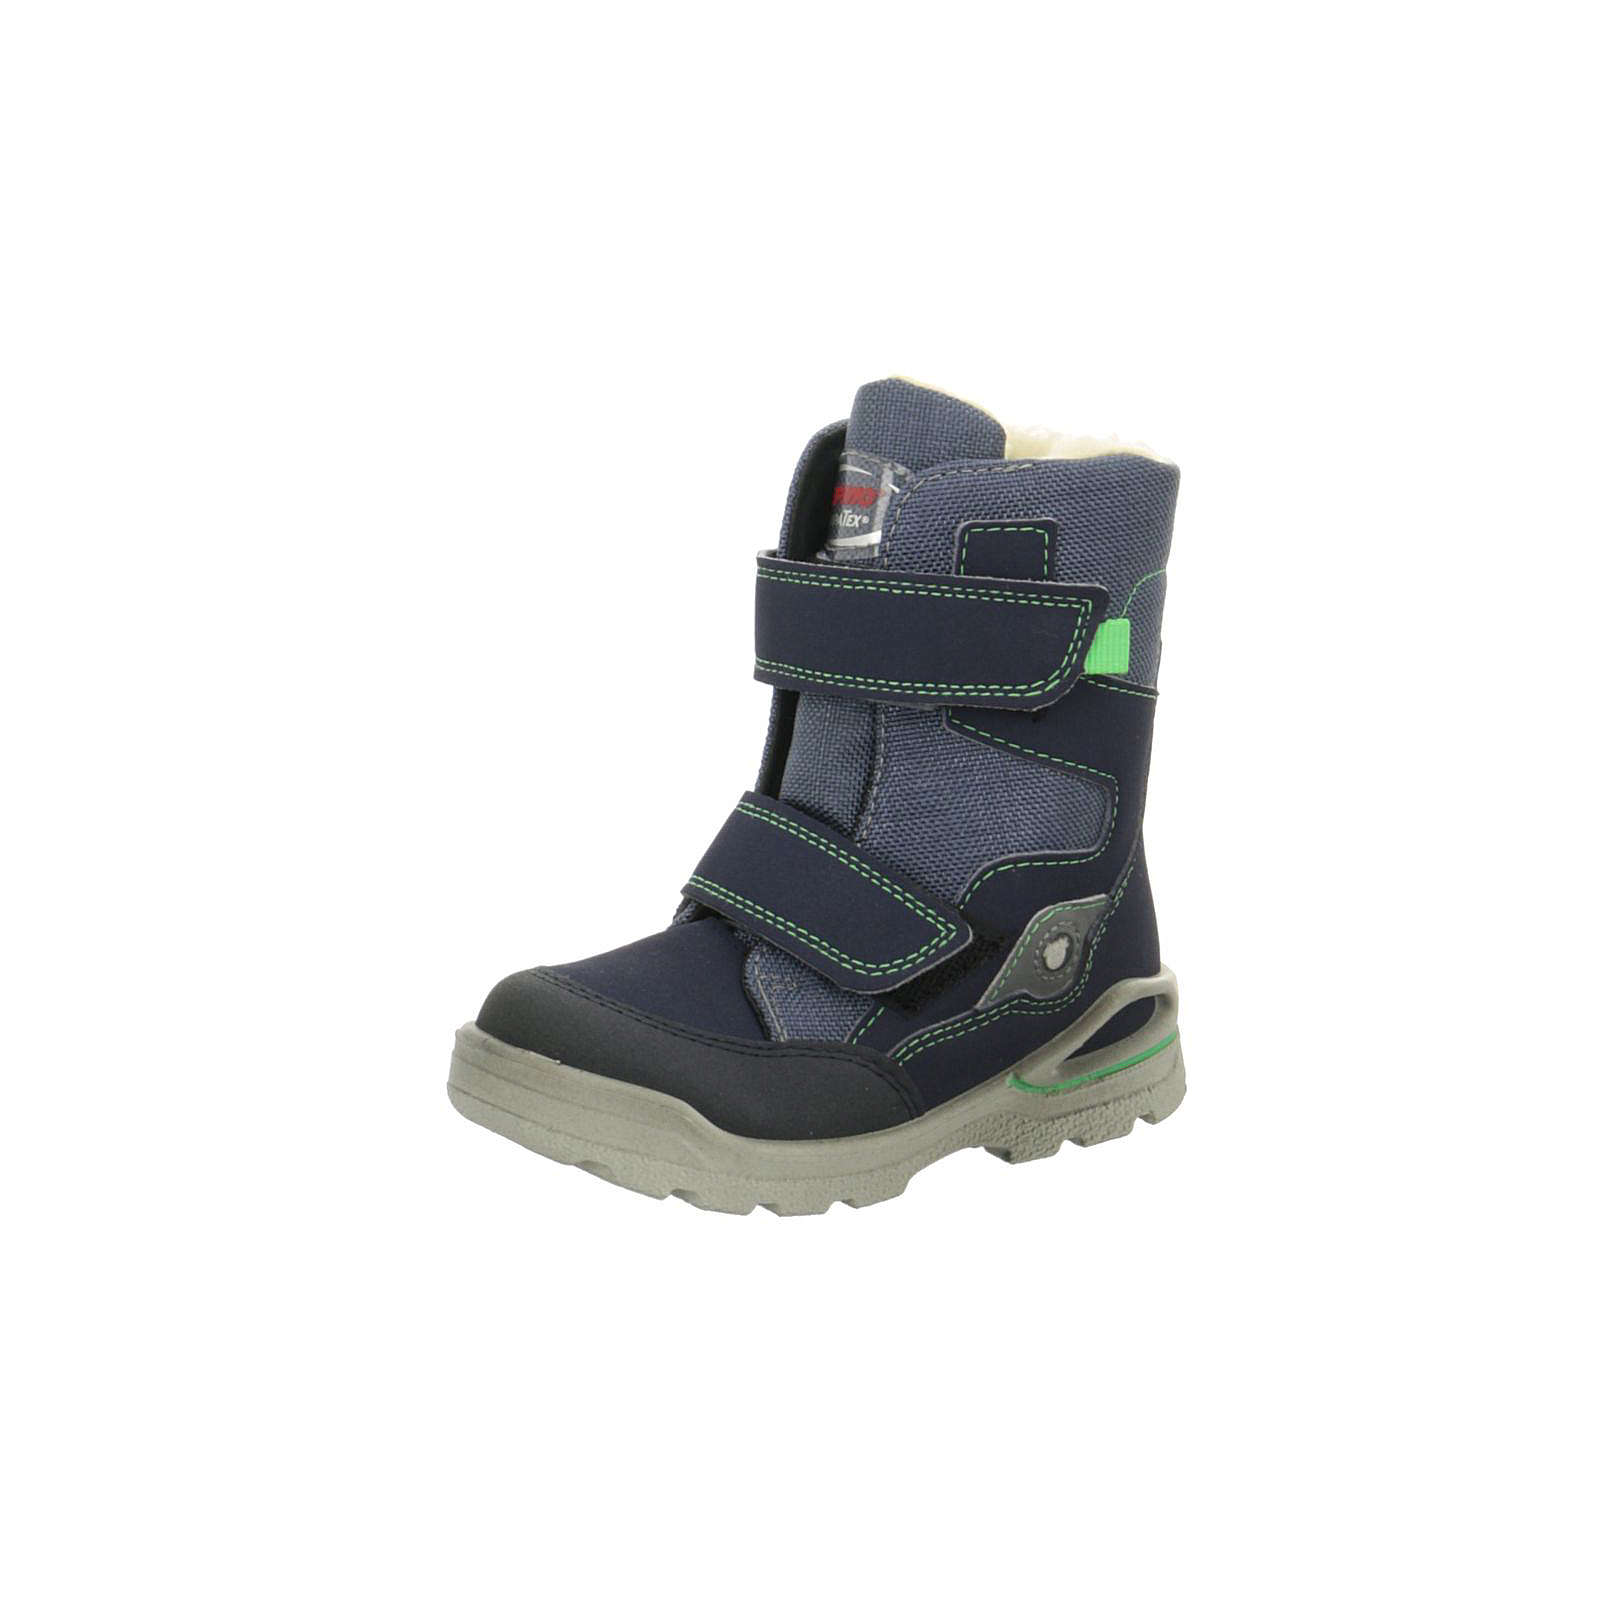 RICOSTA Stiefel für Jungen blau Junge Gr. 23